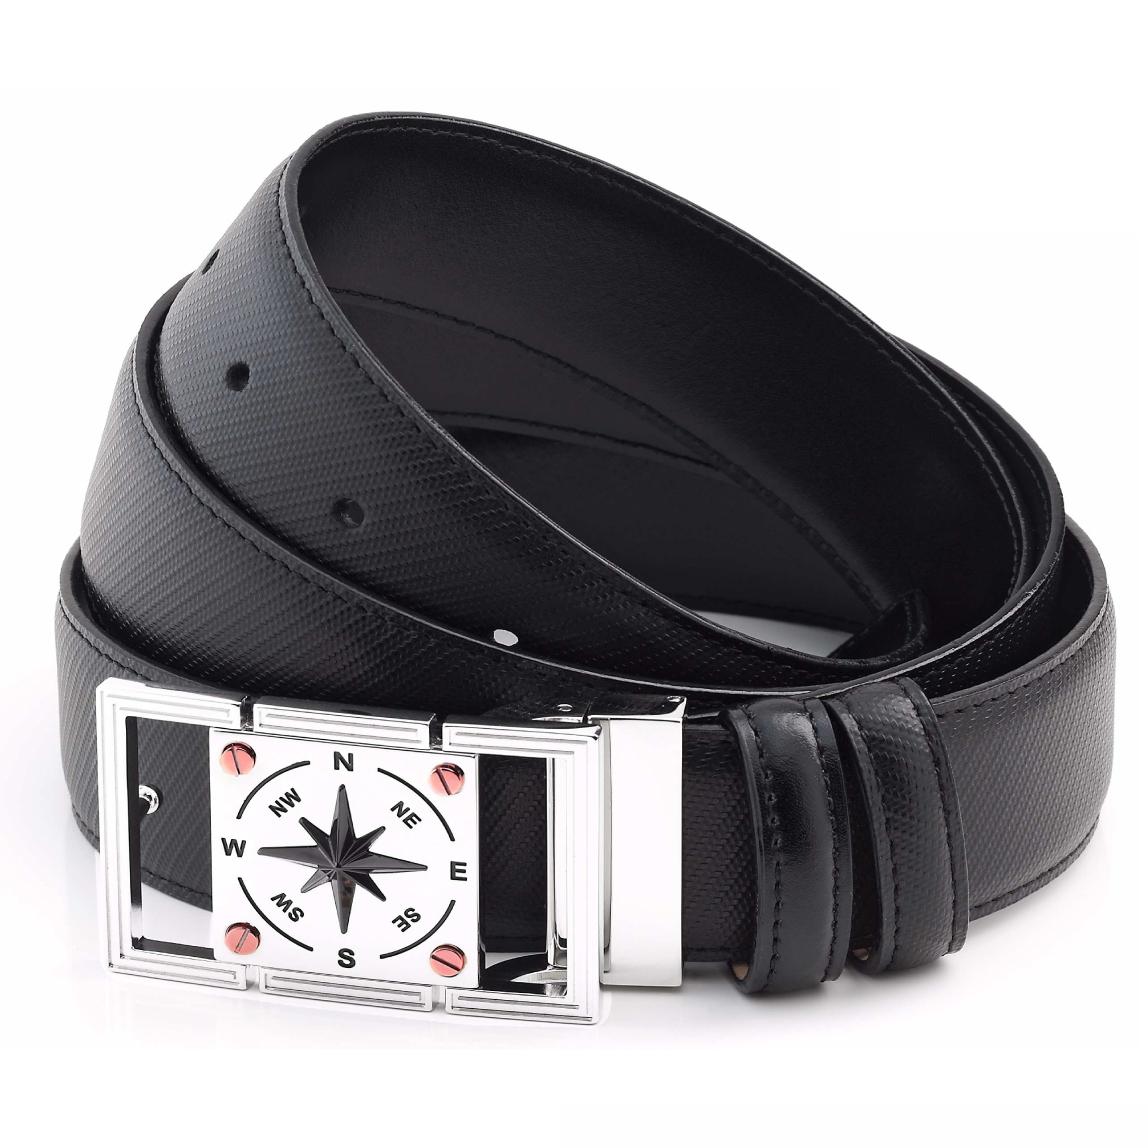 Cintura in pelle da uomo Zancan - chiusura in acciaio